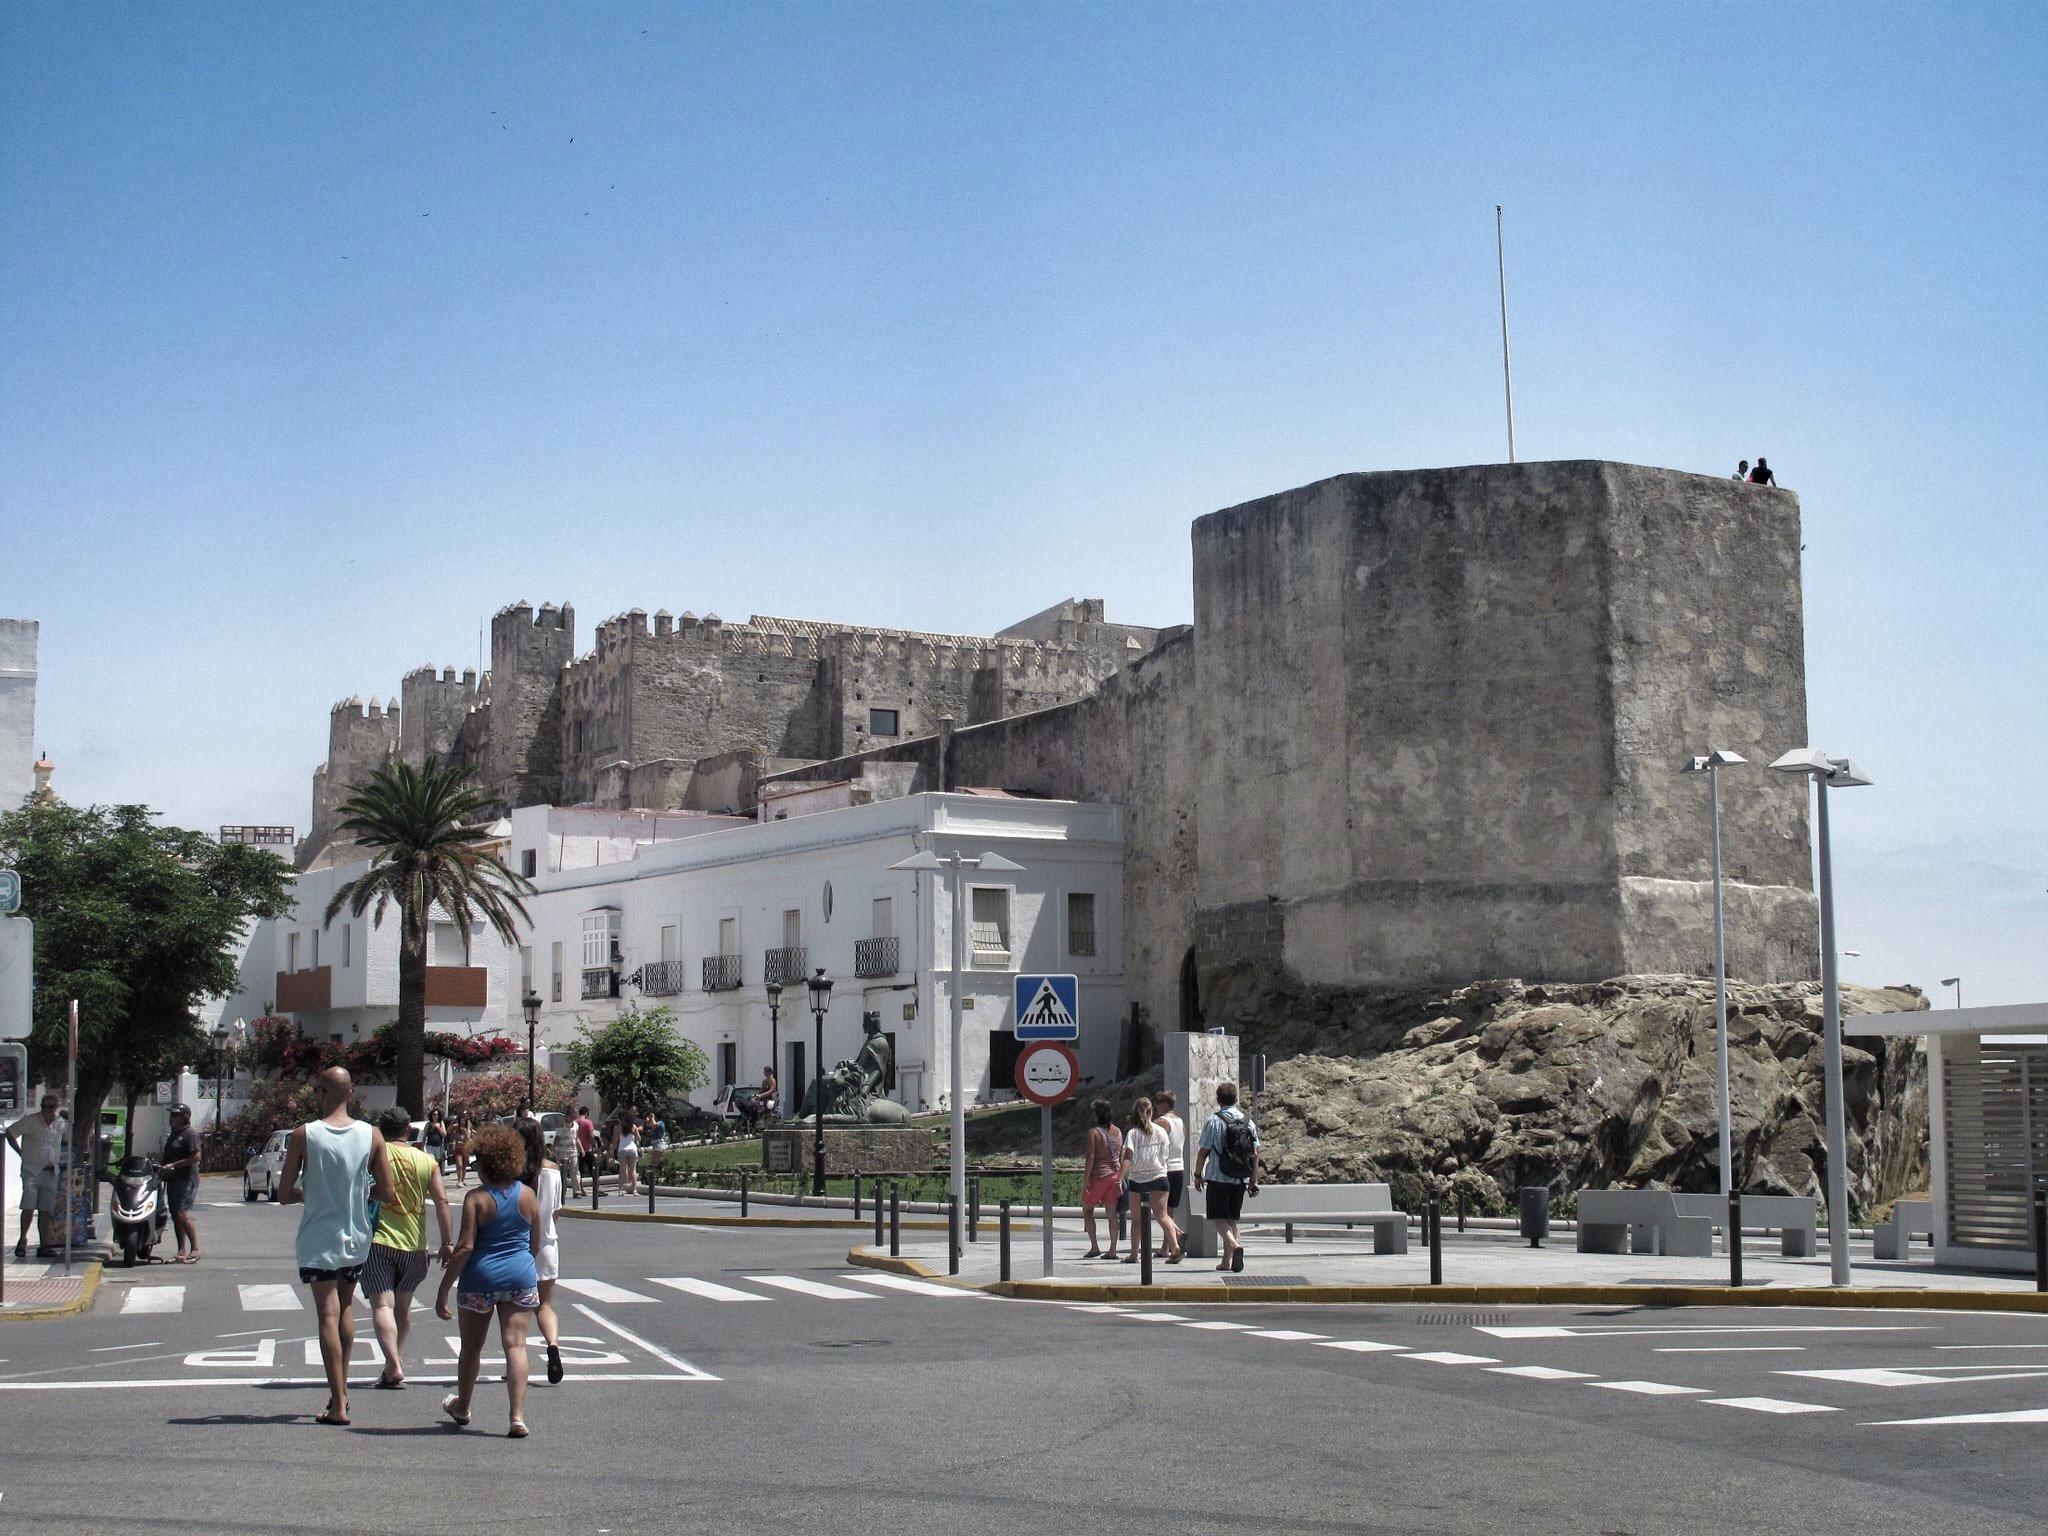 castillo tarifa_torre del homenaje_guzman el bueno